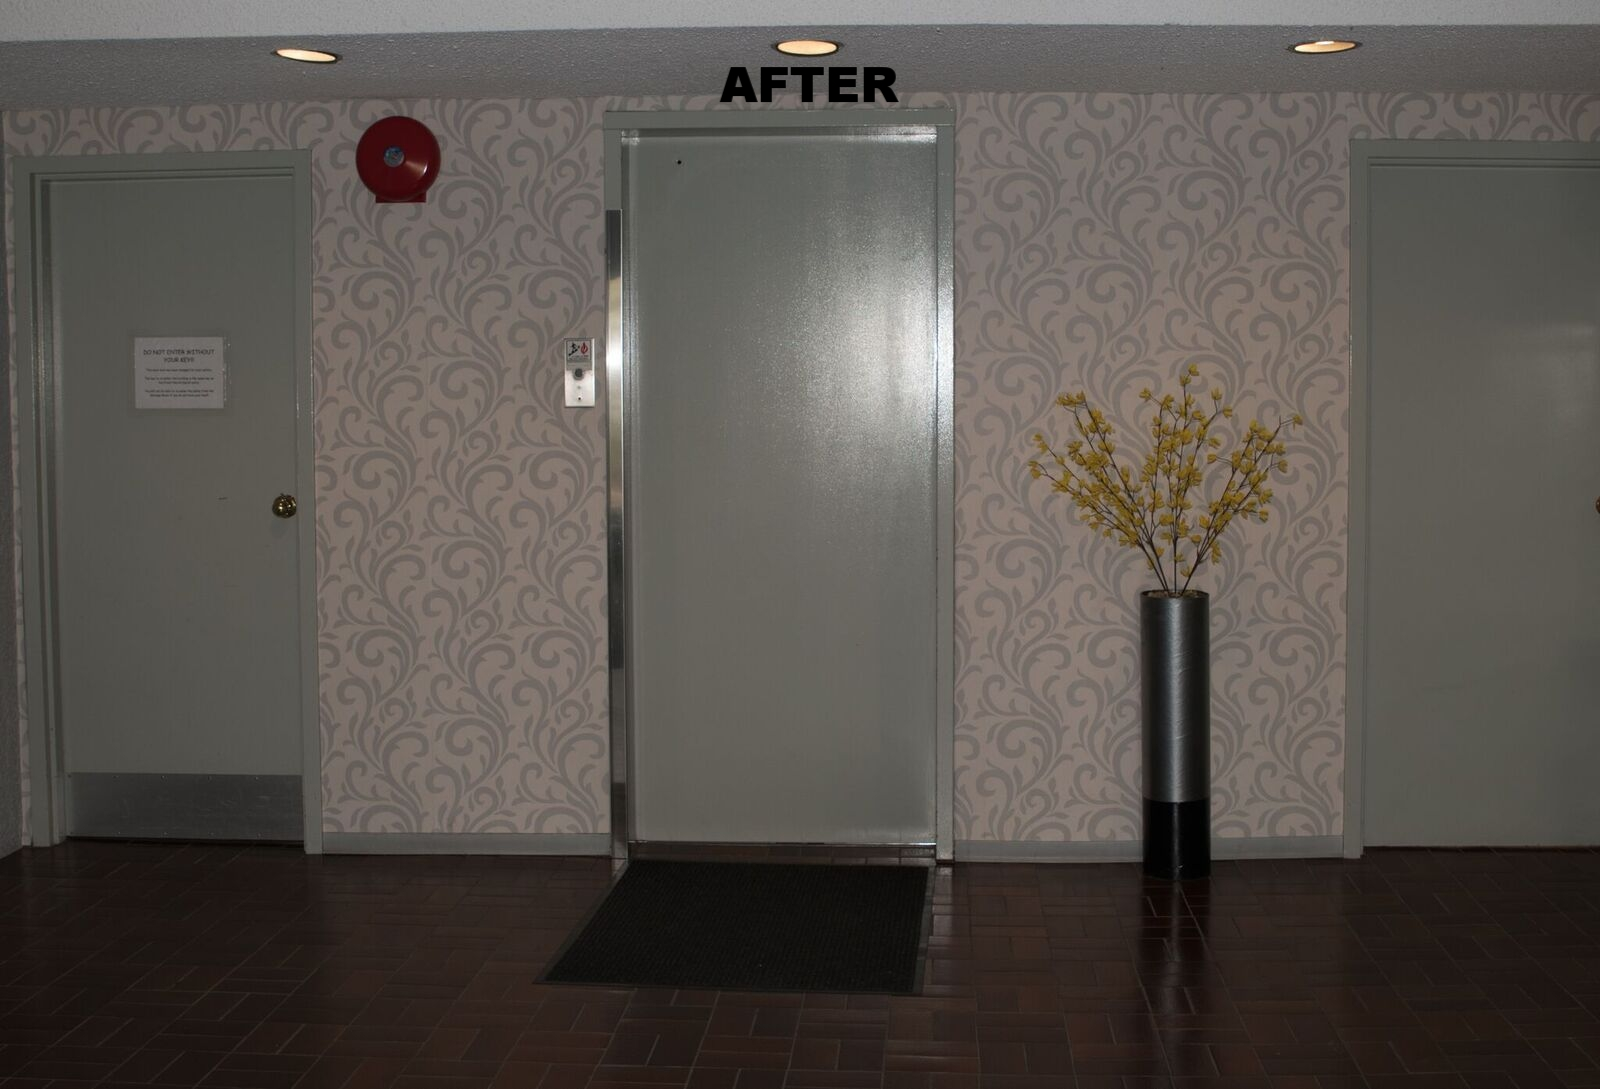 Elevator AFTER 2.jpg